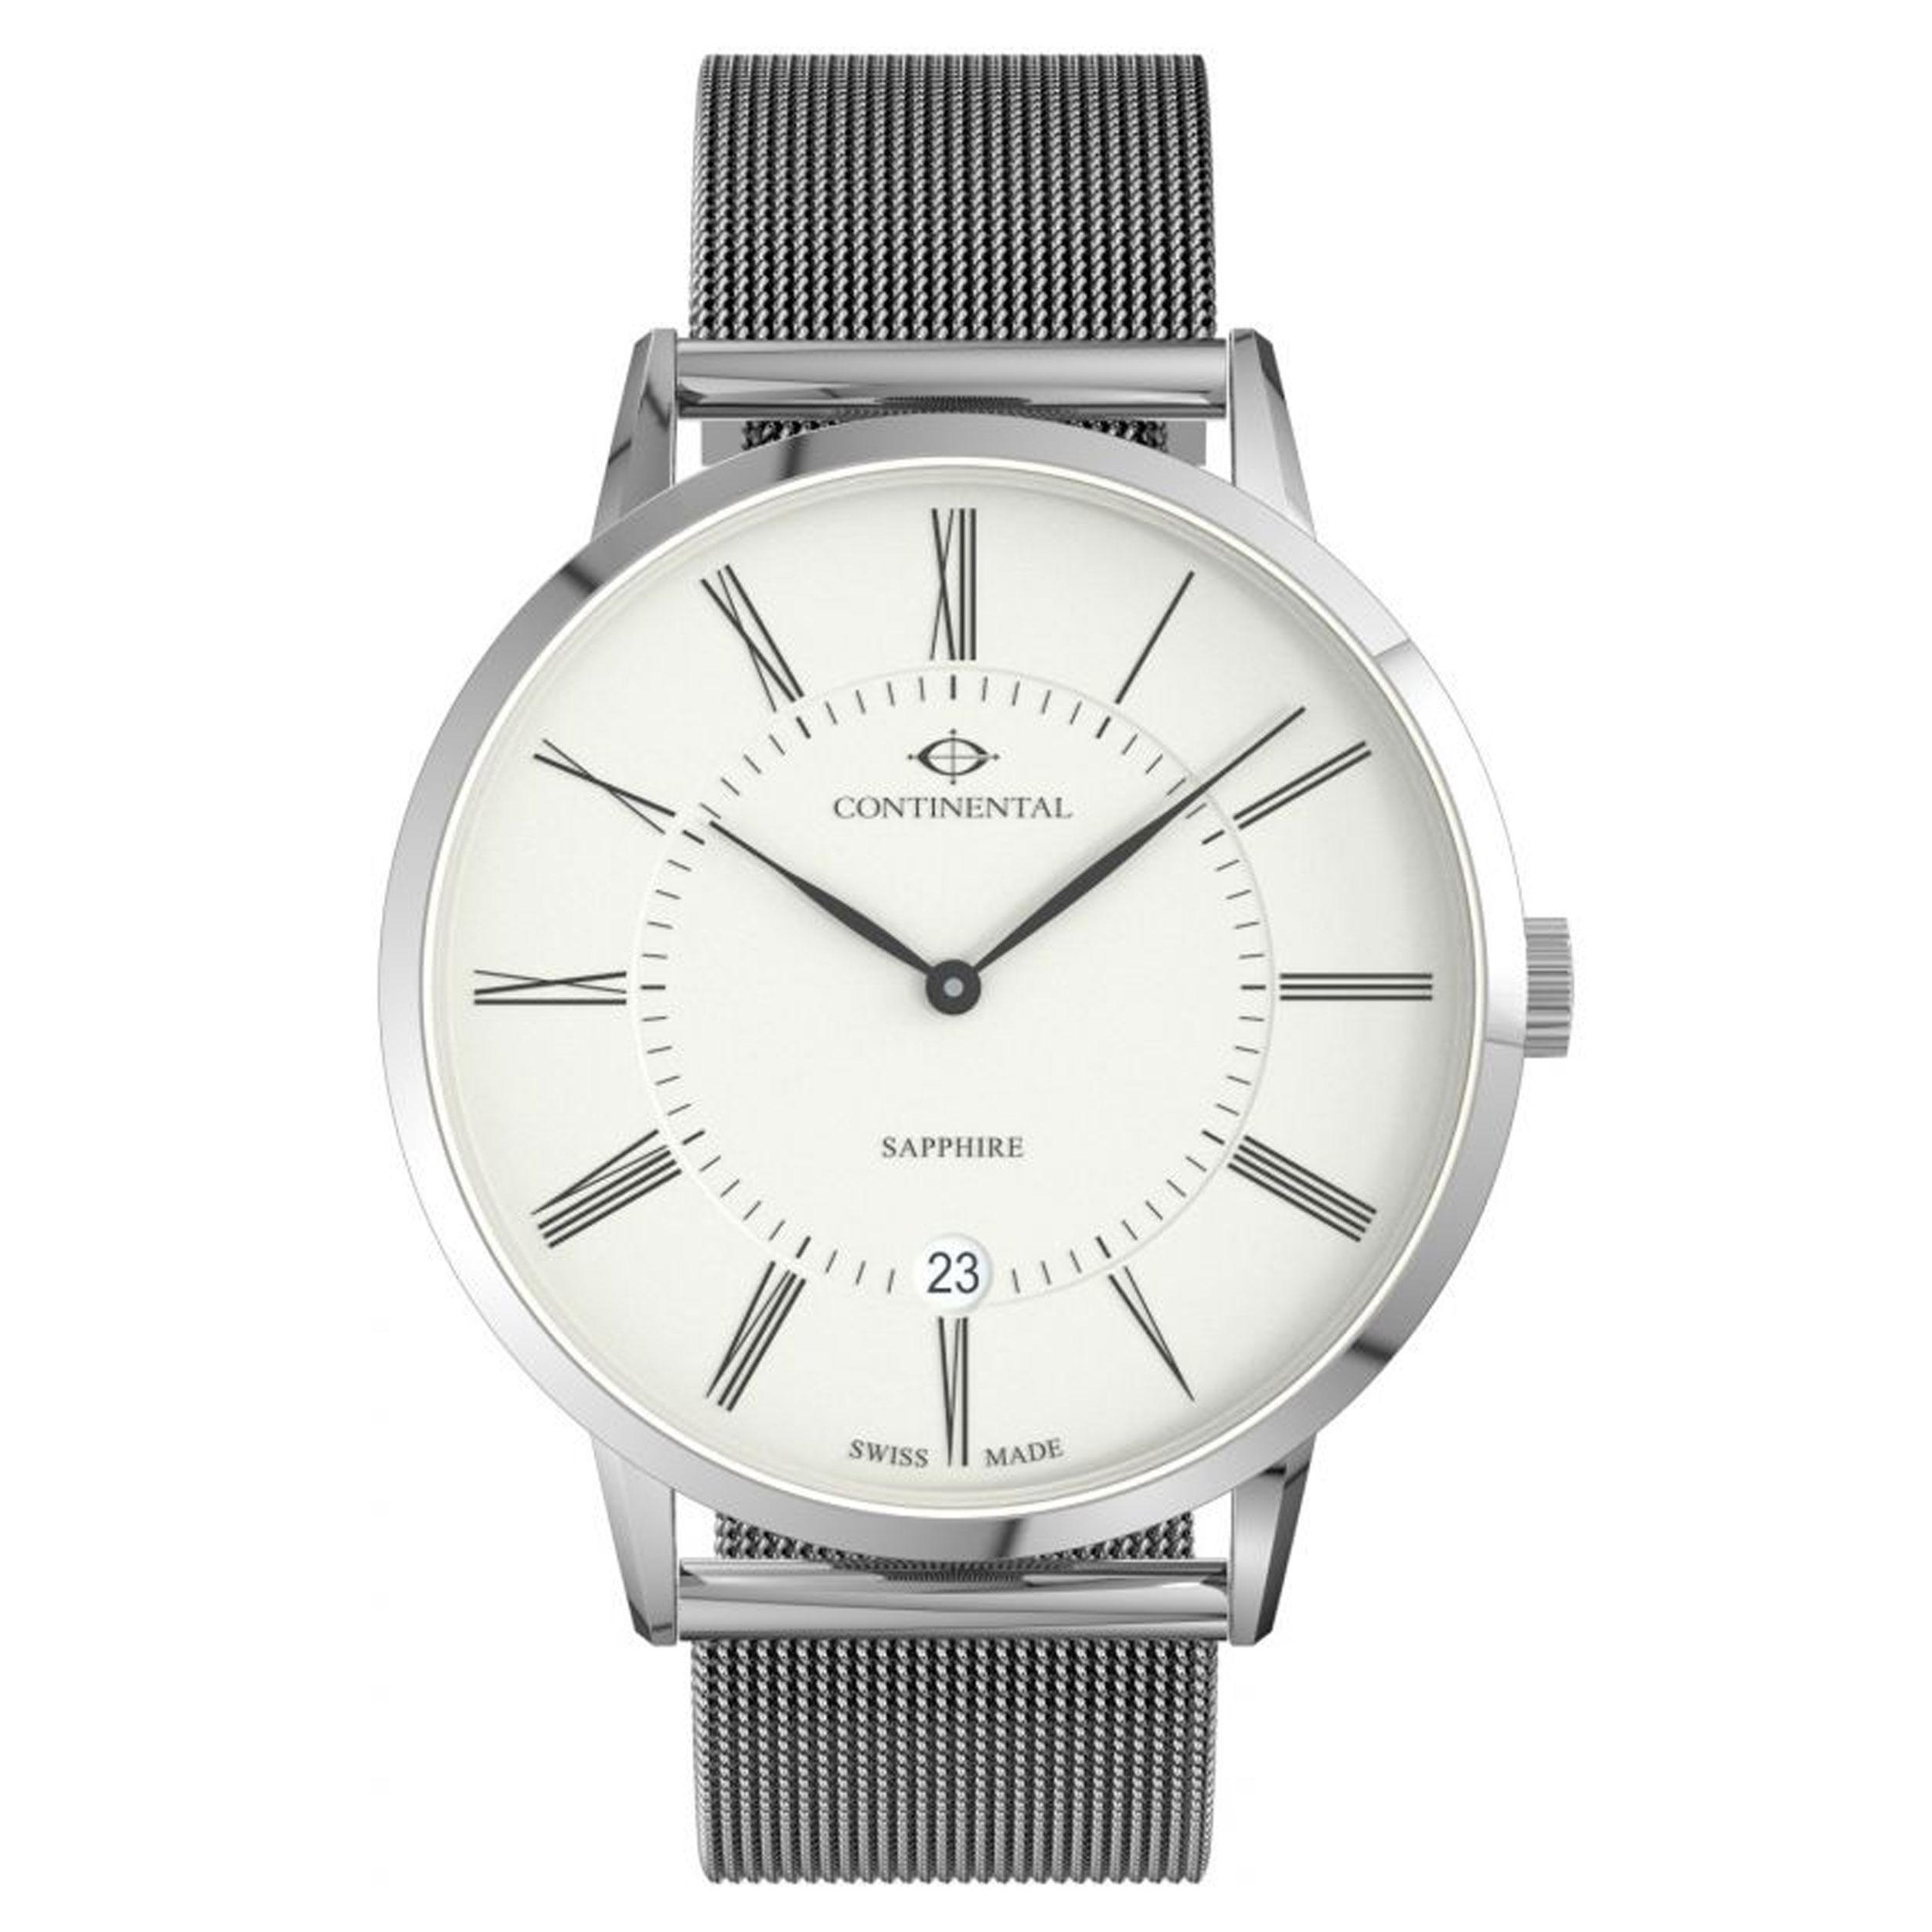 ساعت مچی عقربه ای مردانه کنتیننتال مدل 18501-GD101110              خرید (⭐️⭐️⭐️)